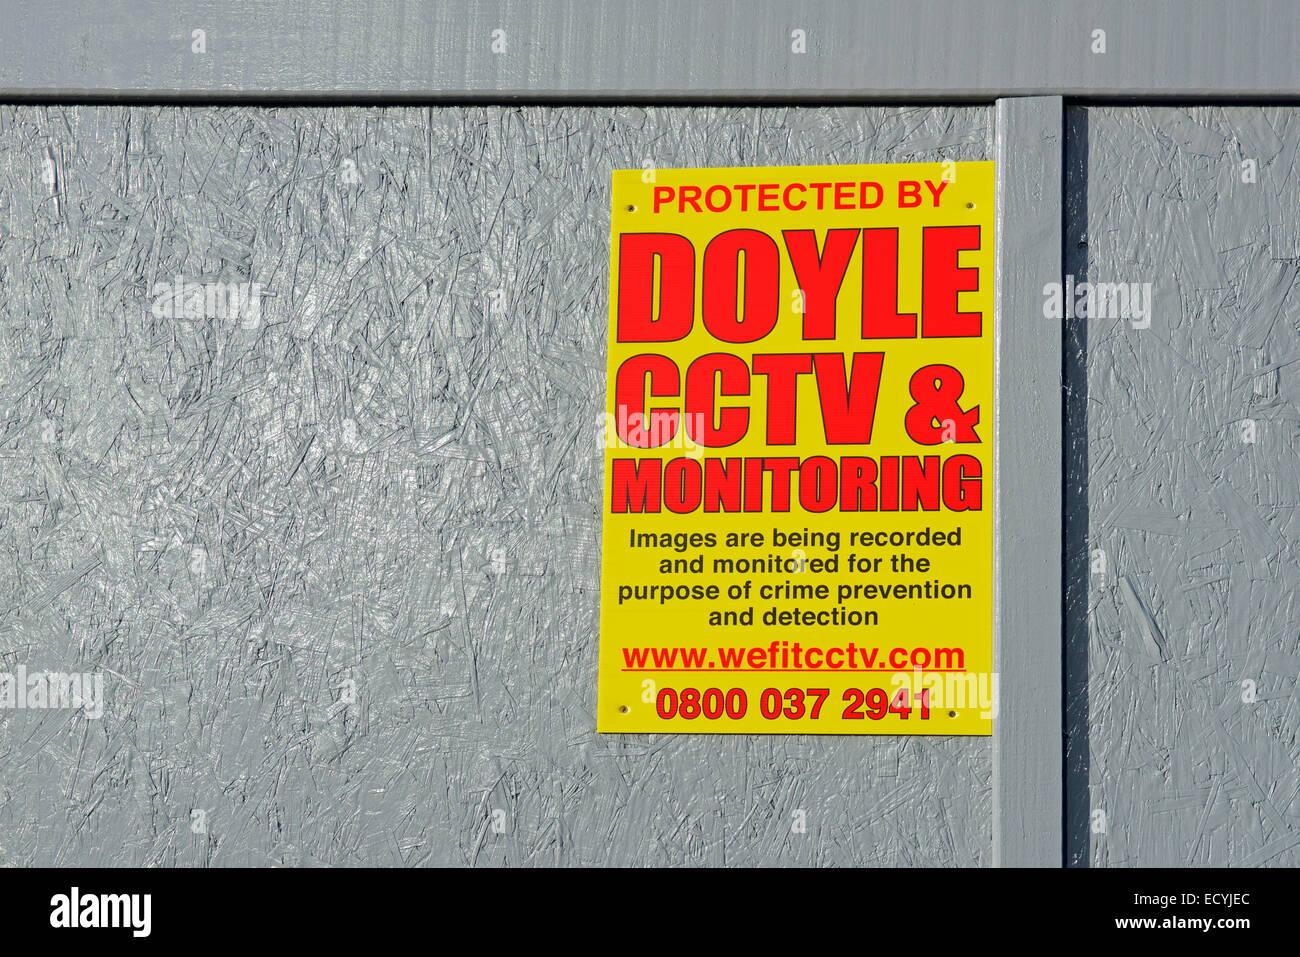 Melden Sie auf der Baustelle für CCTV-Überwachung Stockbild